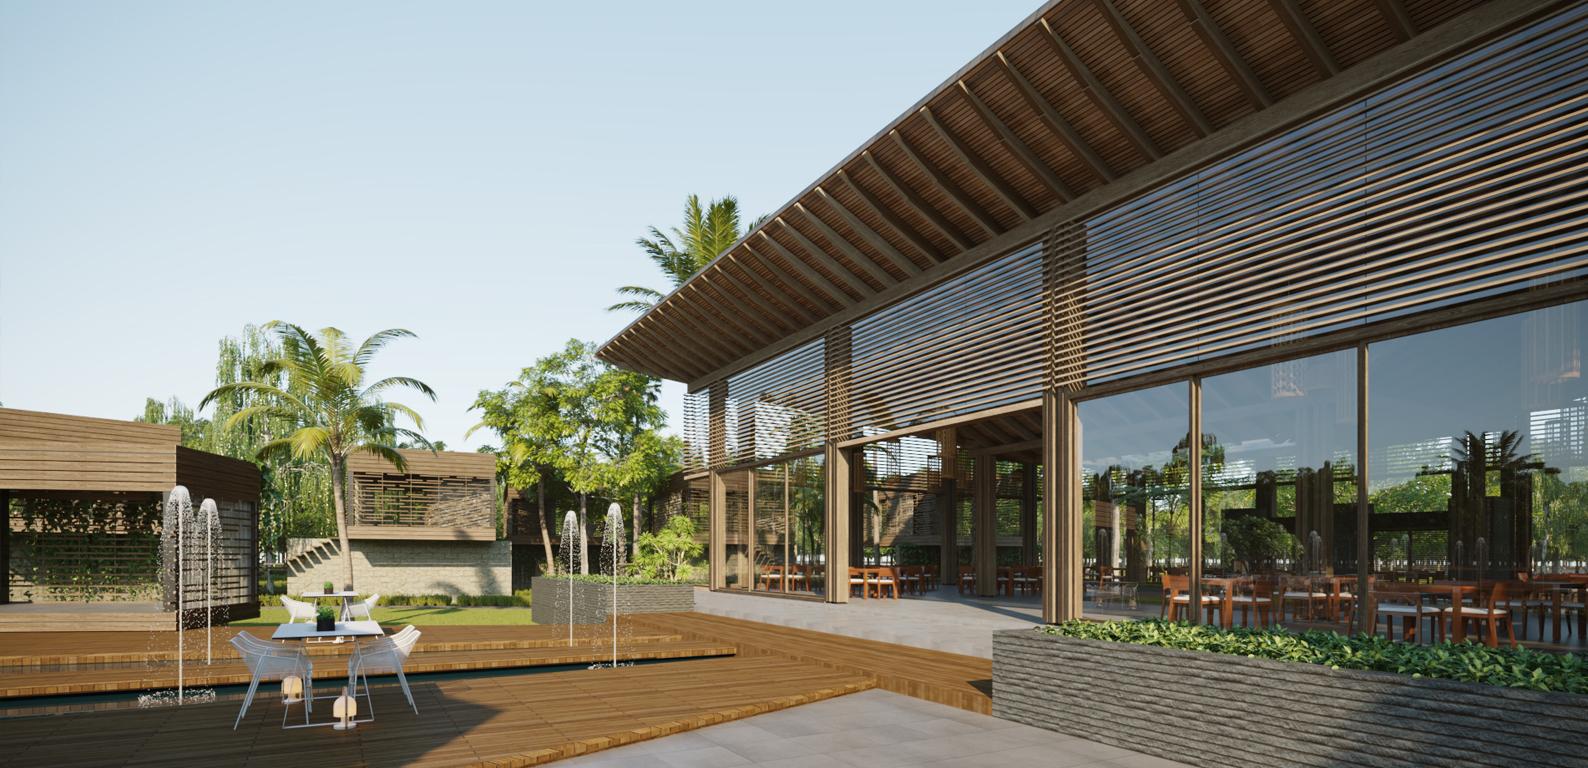 thiết kế Resort tại Khánh Hòa Resort Quốc Bảo 9 1531359422